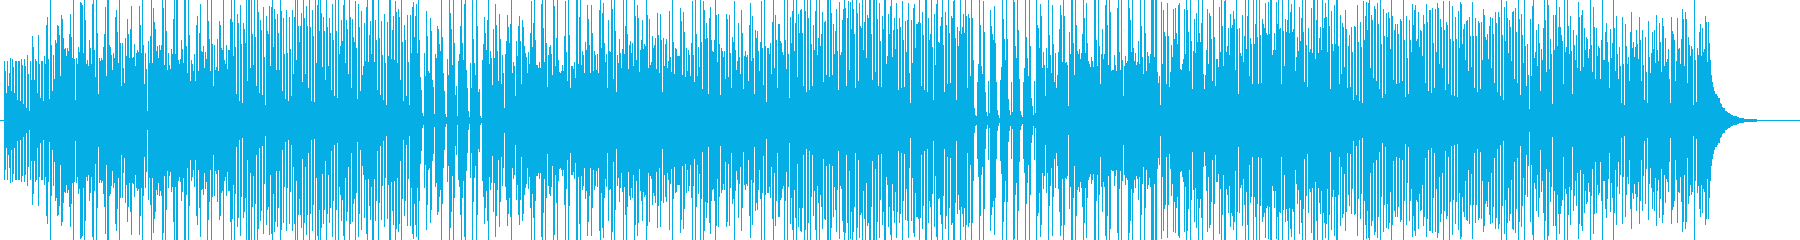 森-アコースティック-ポップ-キュートの再生済みの波形